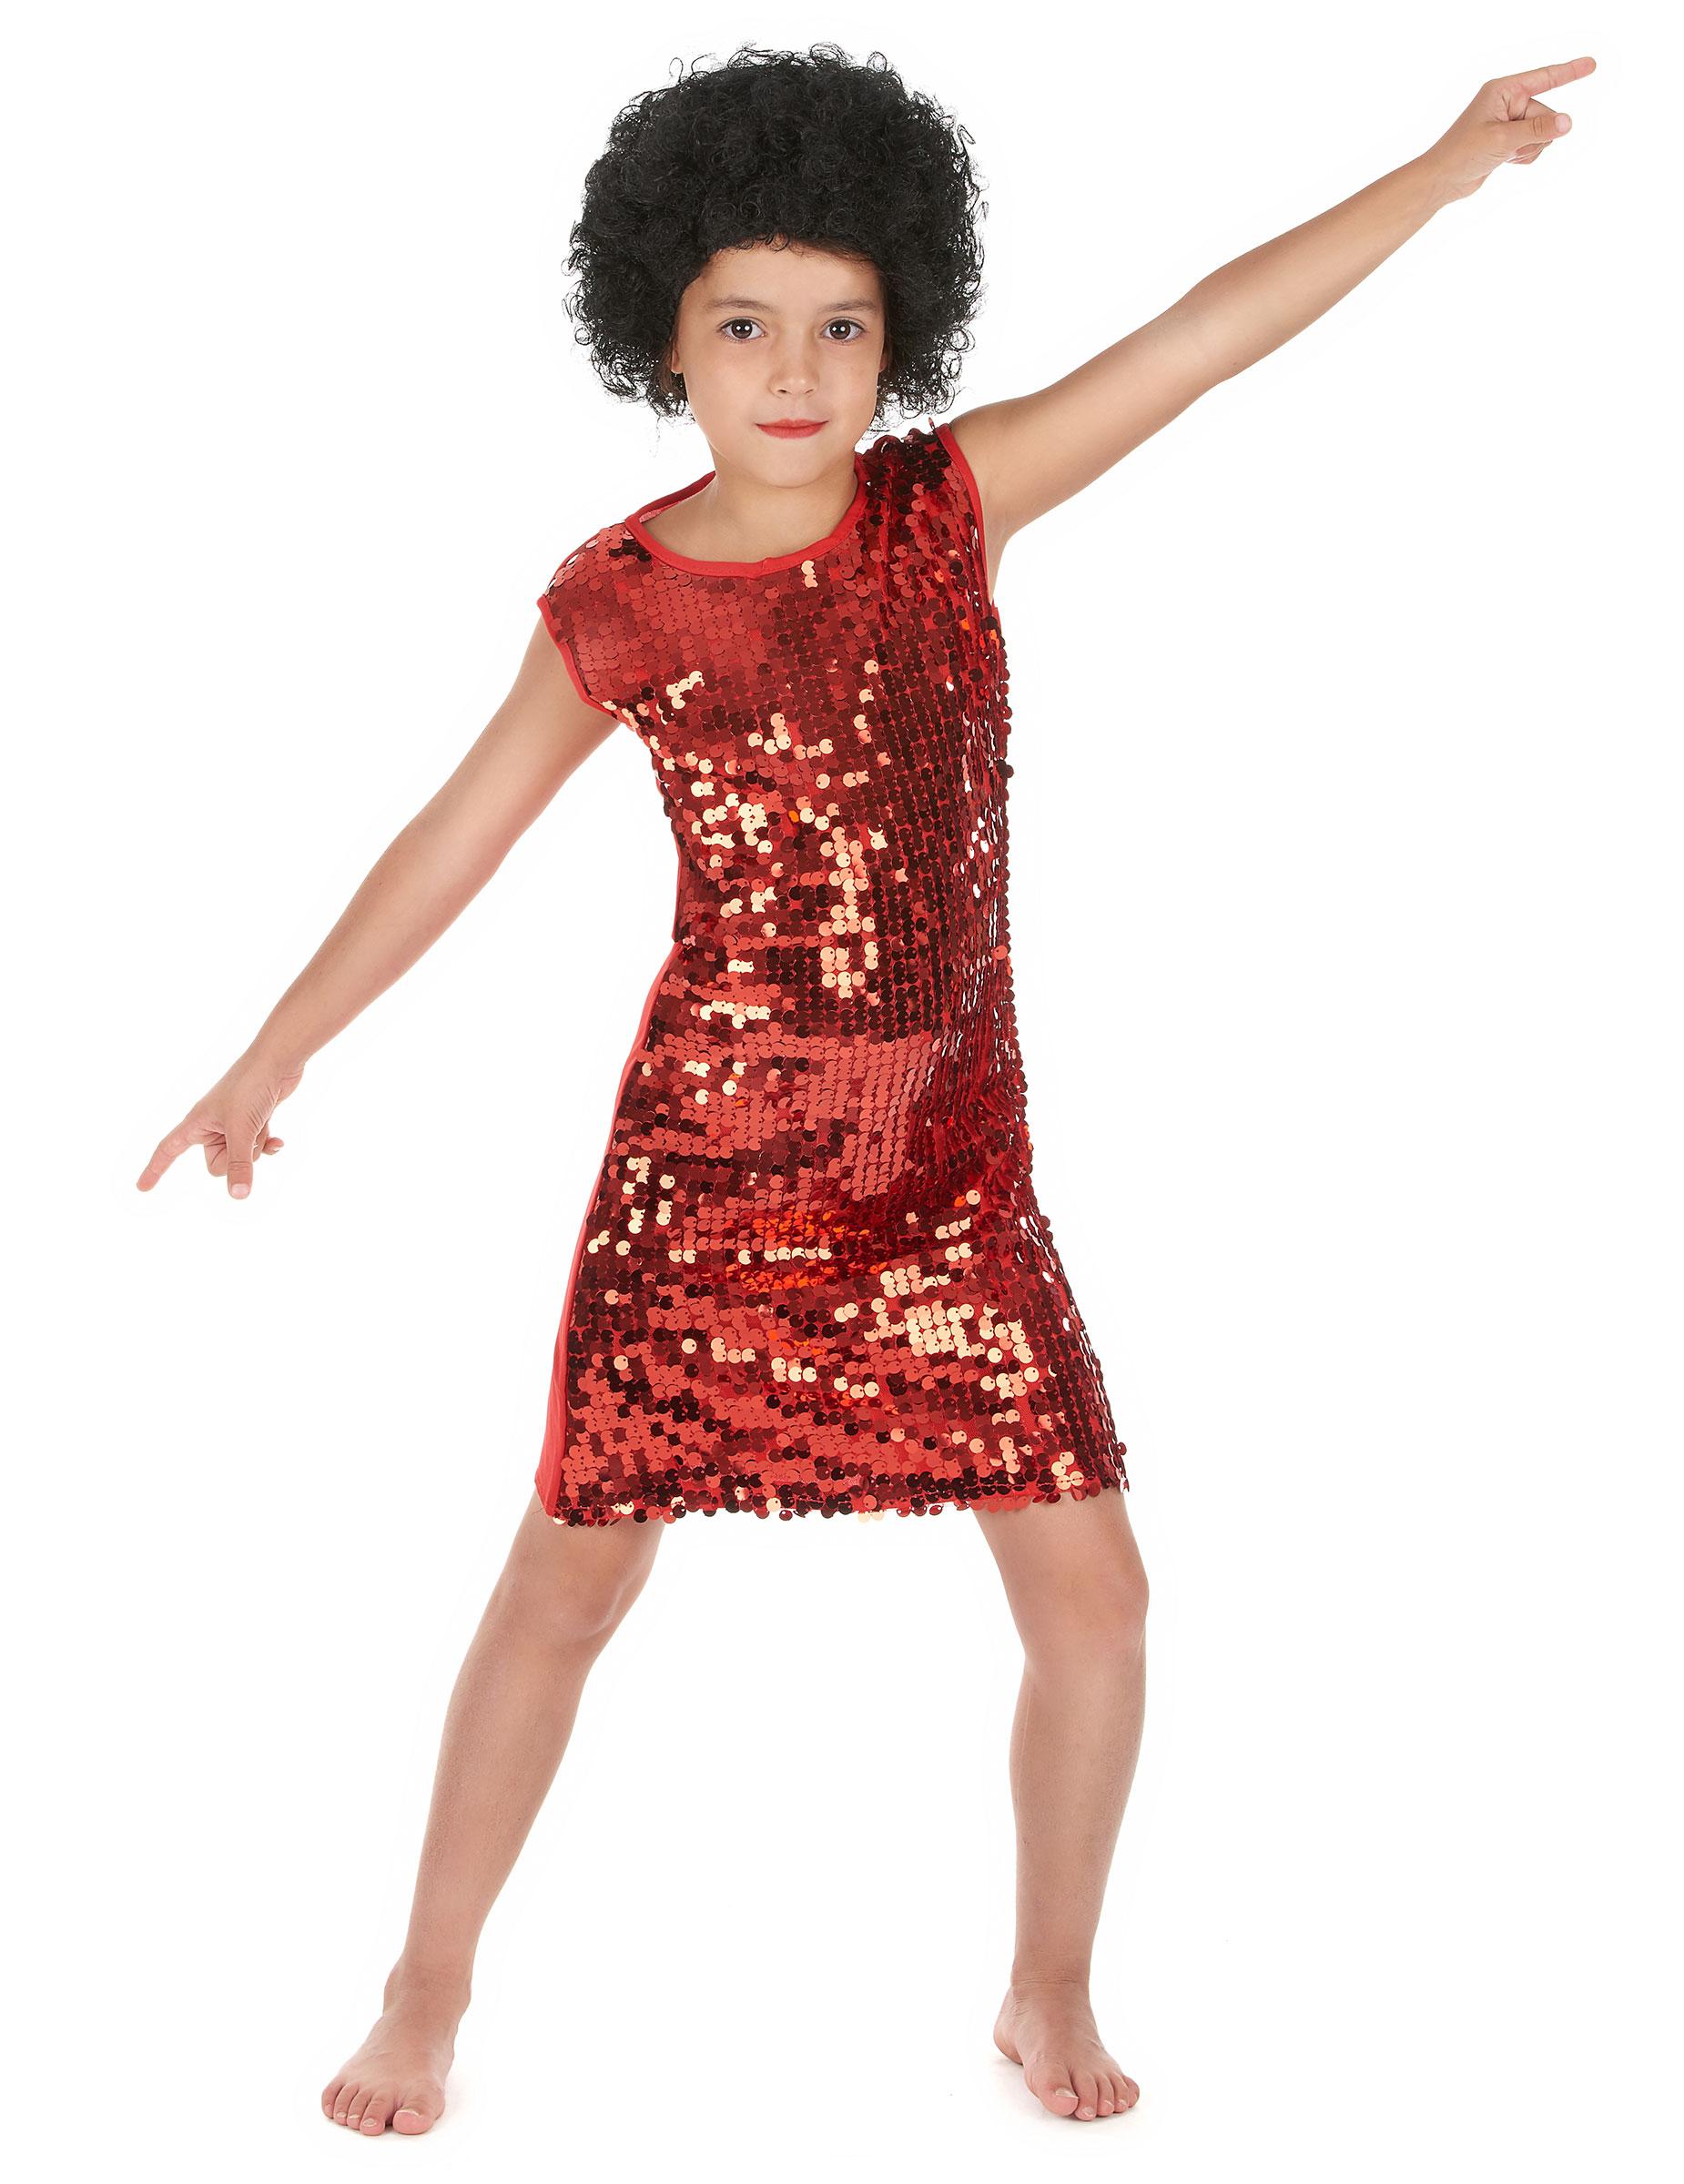 fab56768262f9 Déguisement disco fille rouge à paillettes